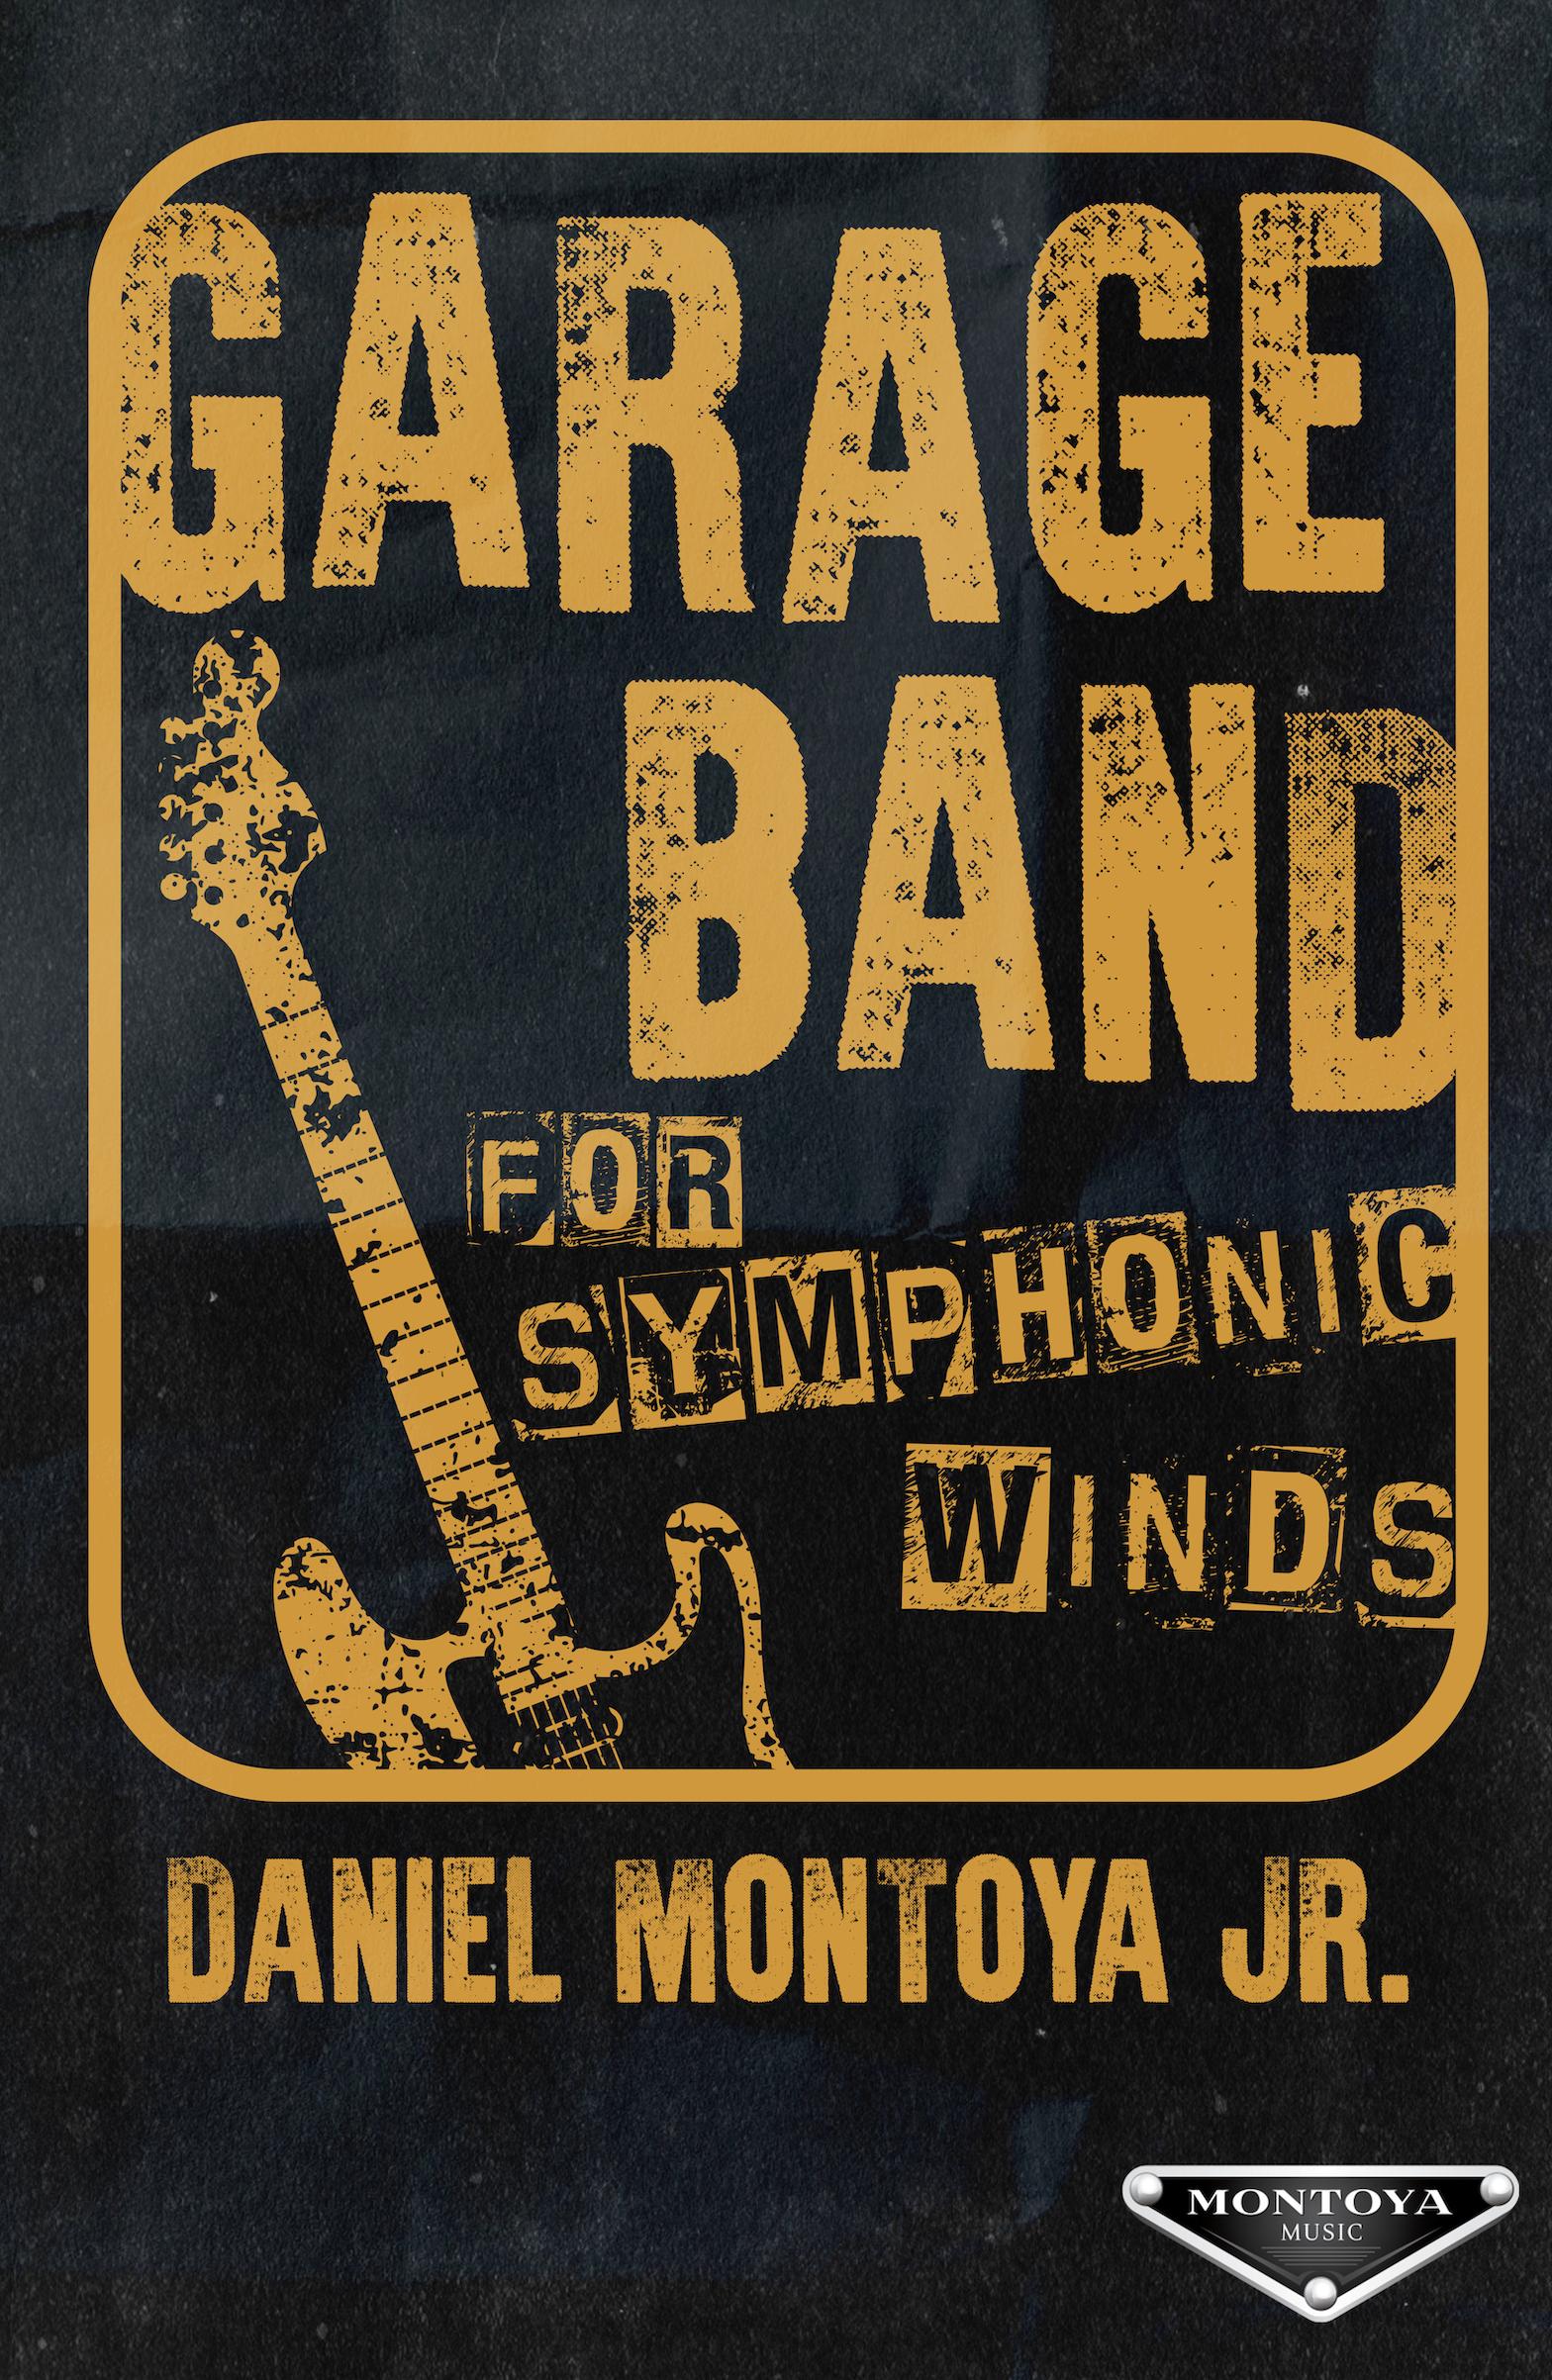 Garage Band by Daniel Montoya Jr.